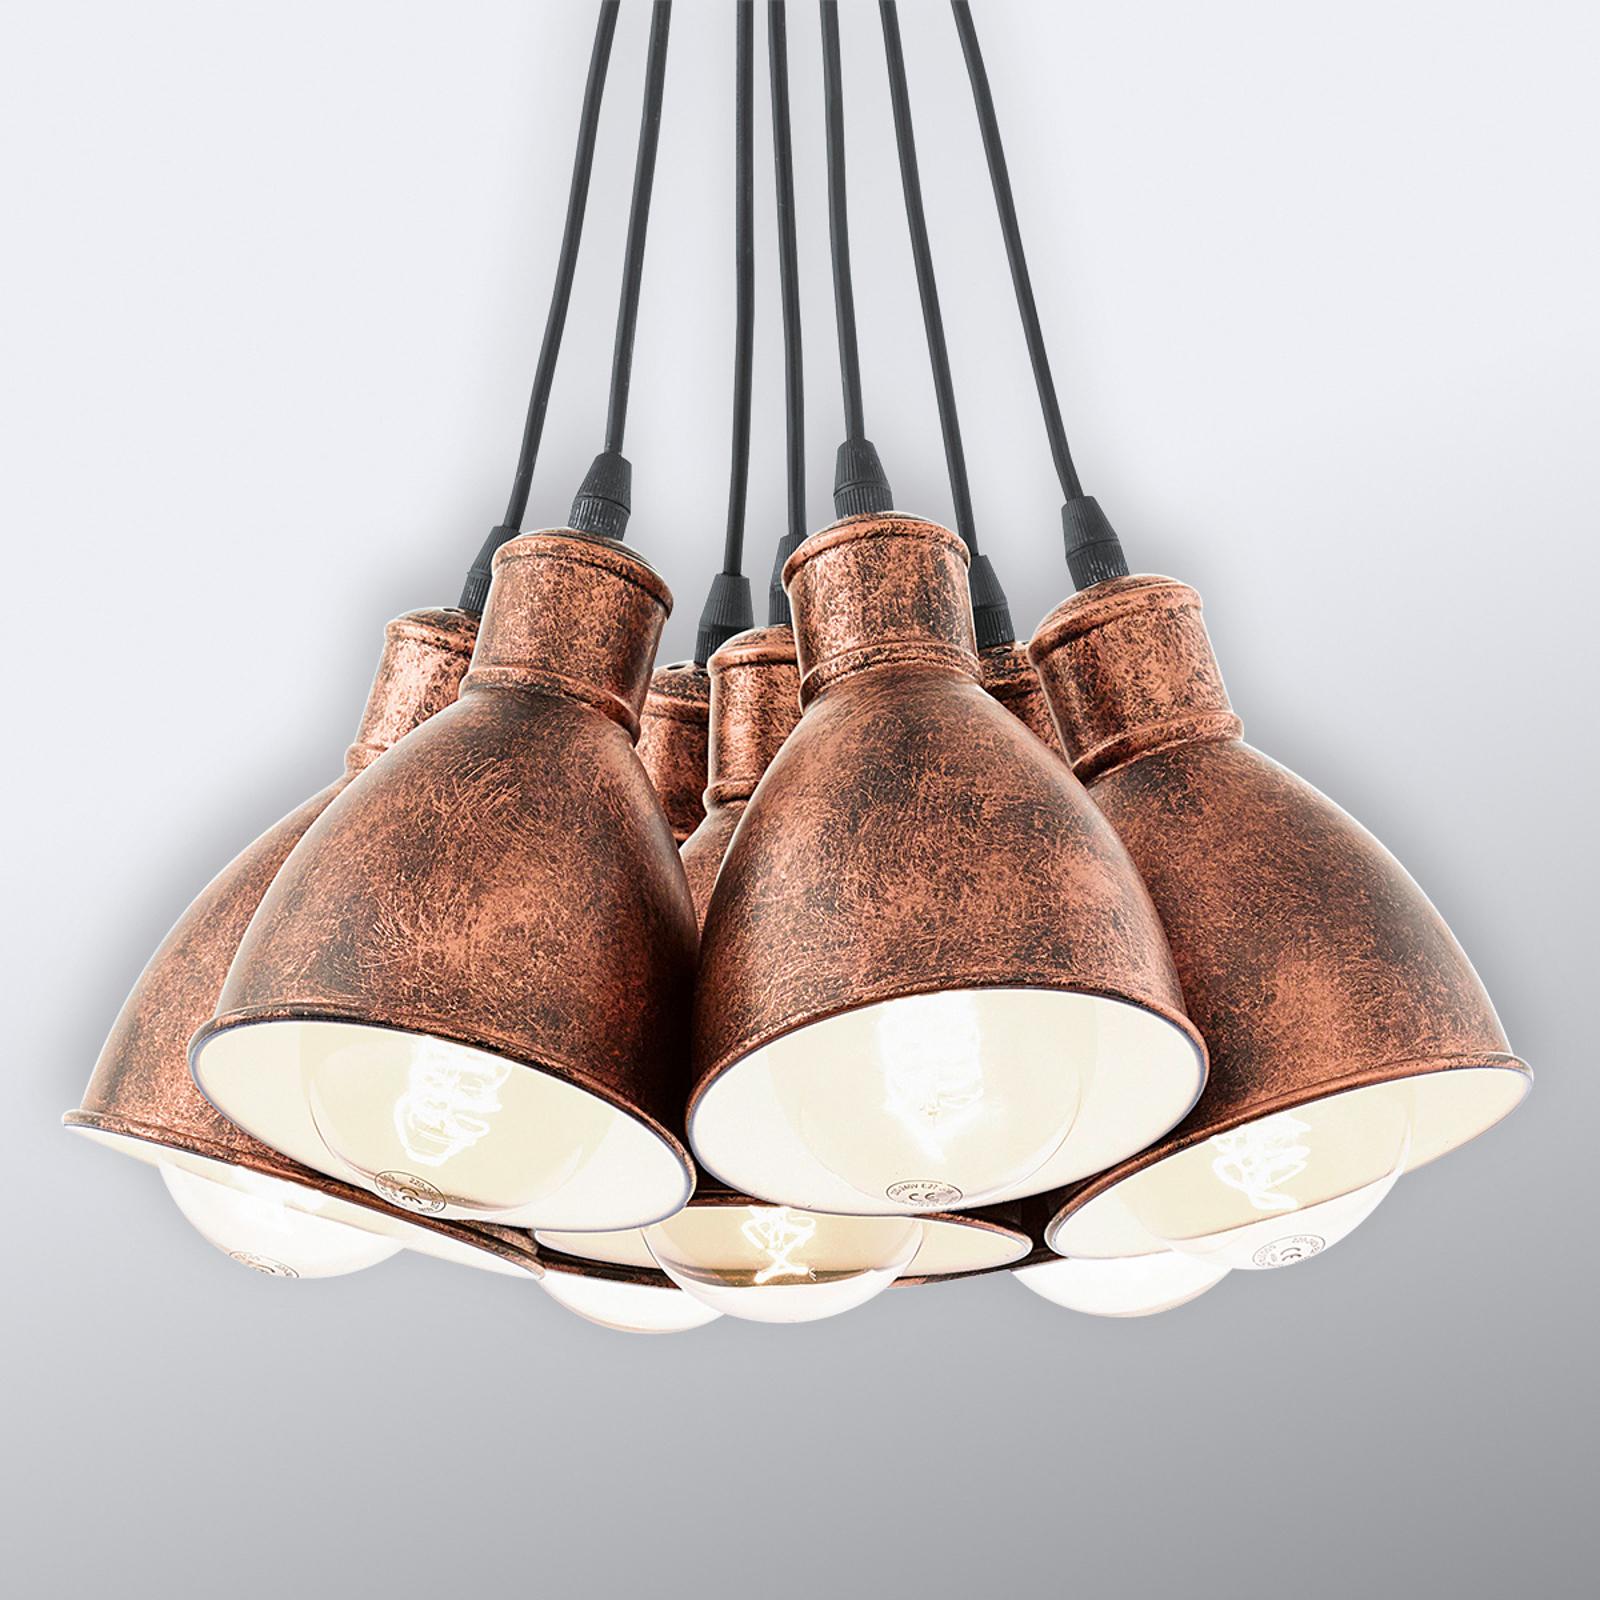 Priddy 1 hængelampe, 7 lyskilder, antik kobber